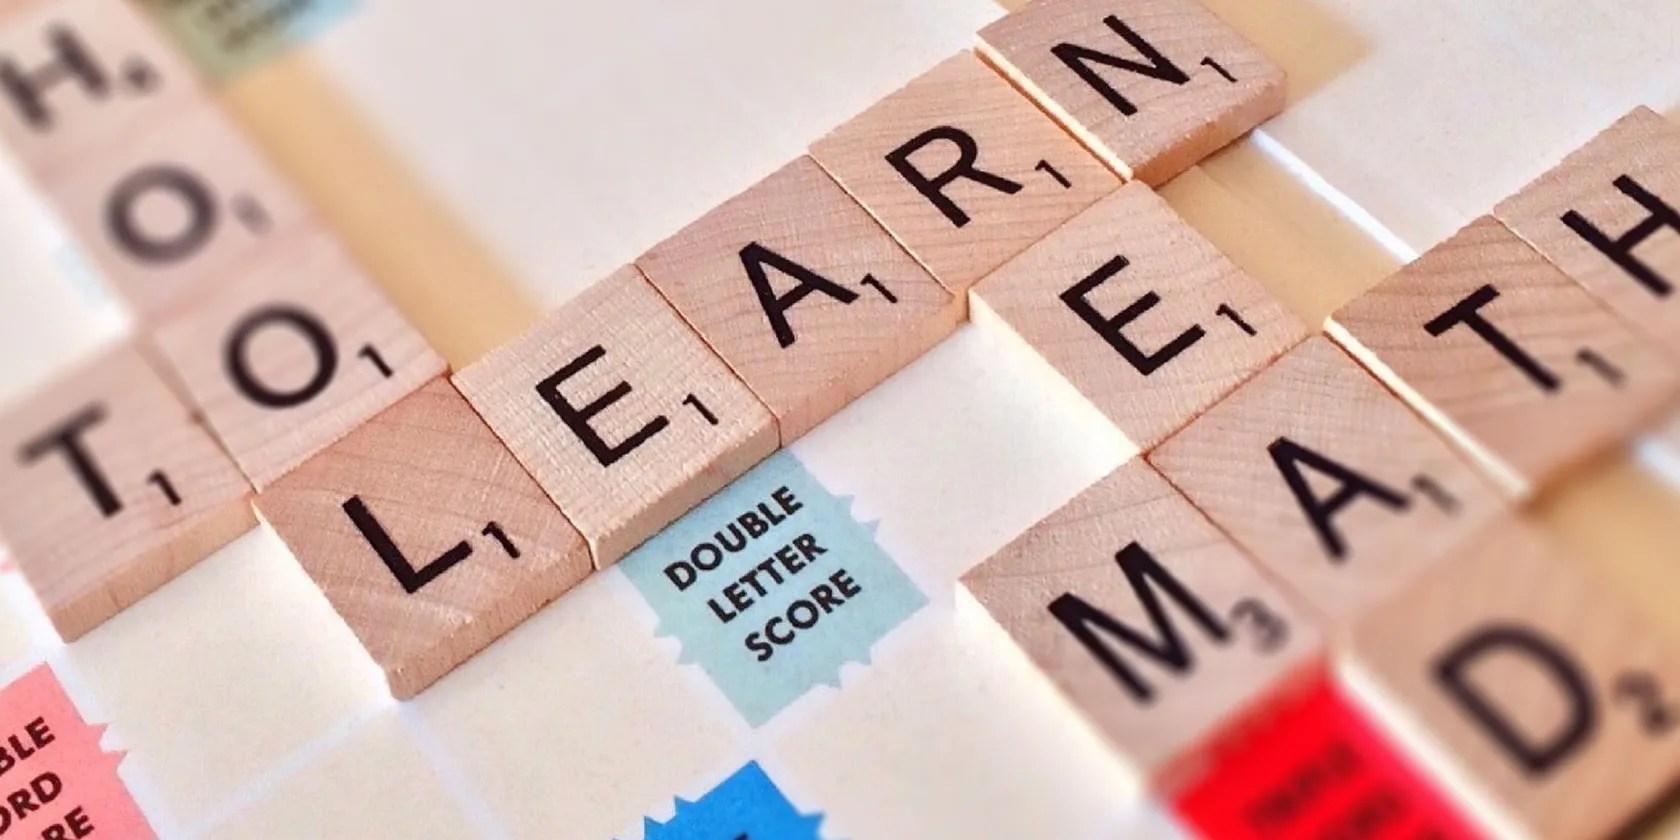 imparare-migliorare-inglese